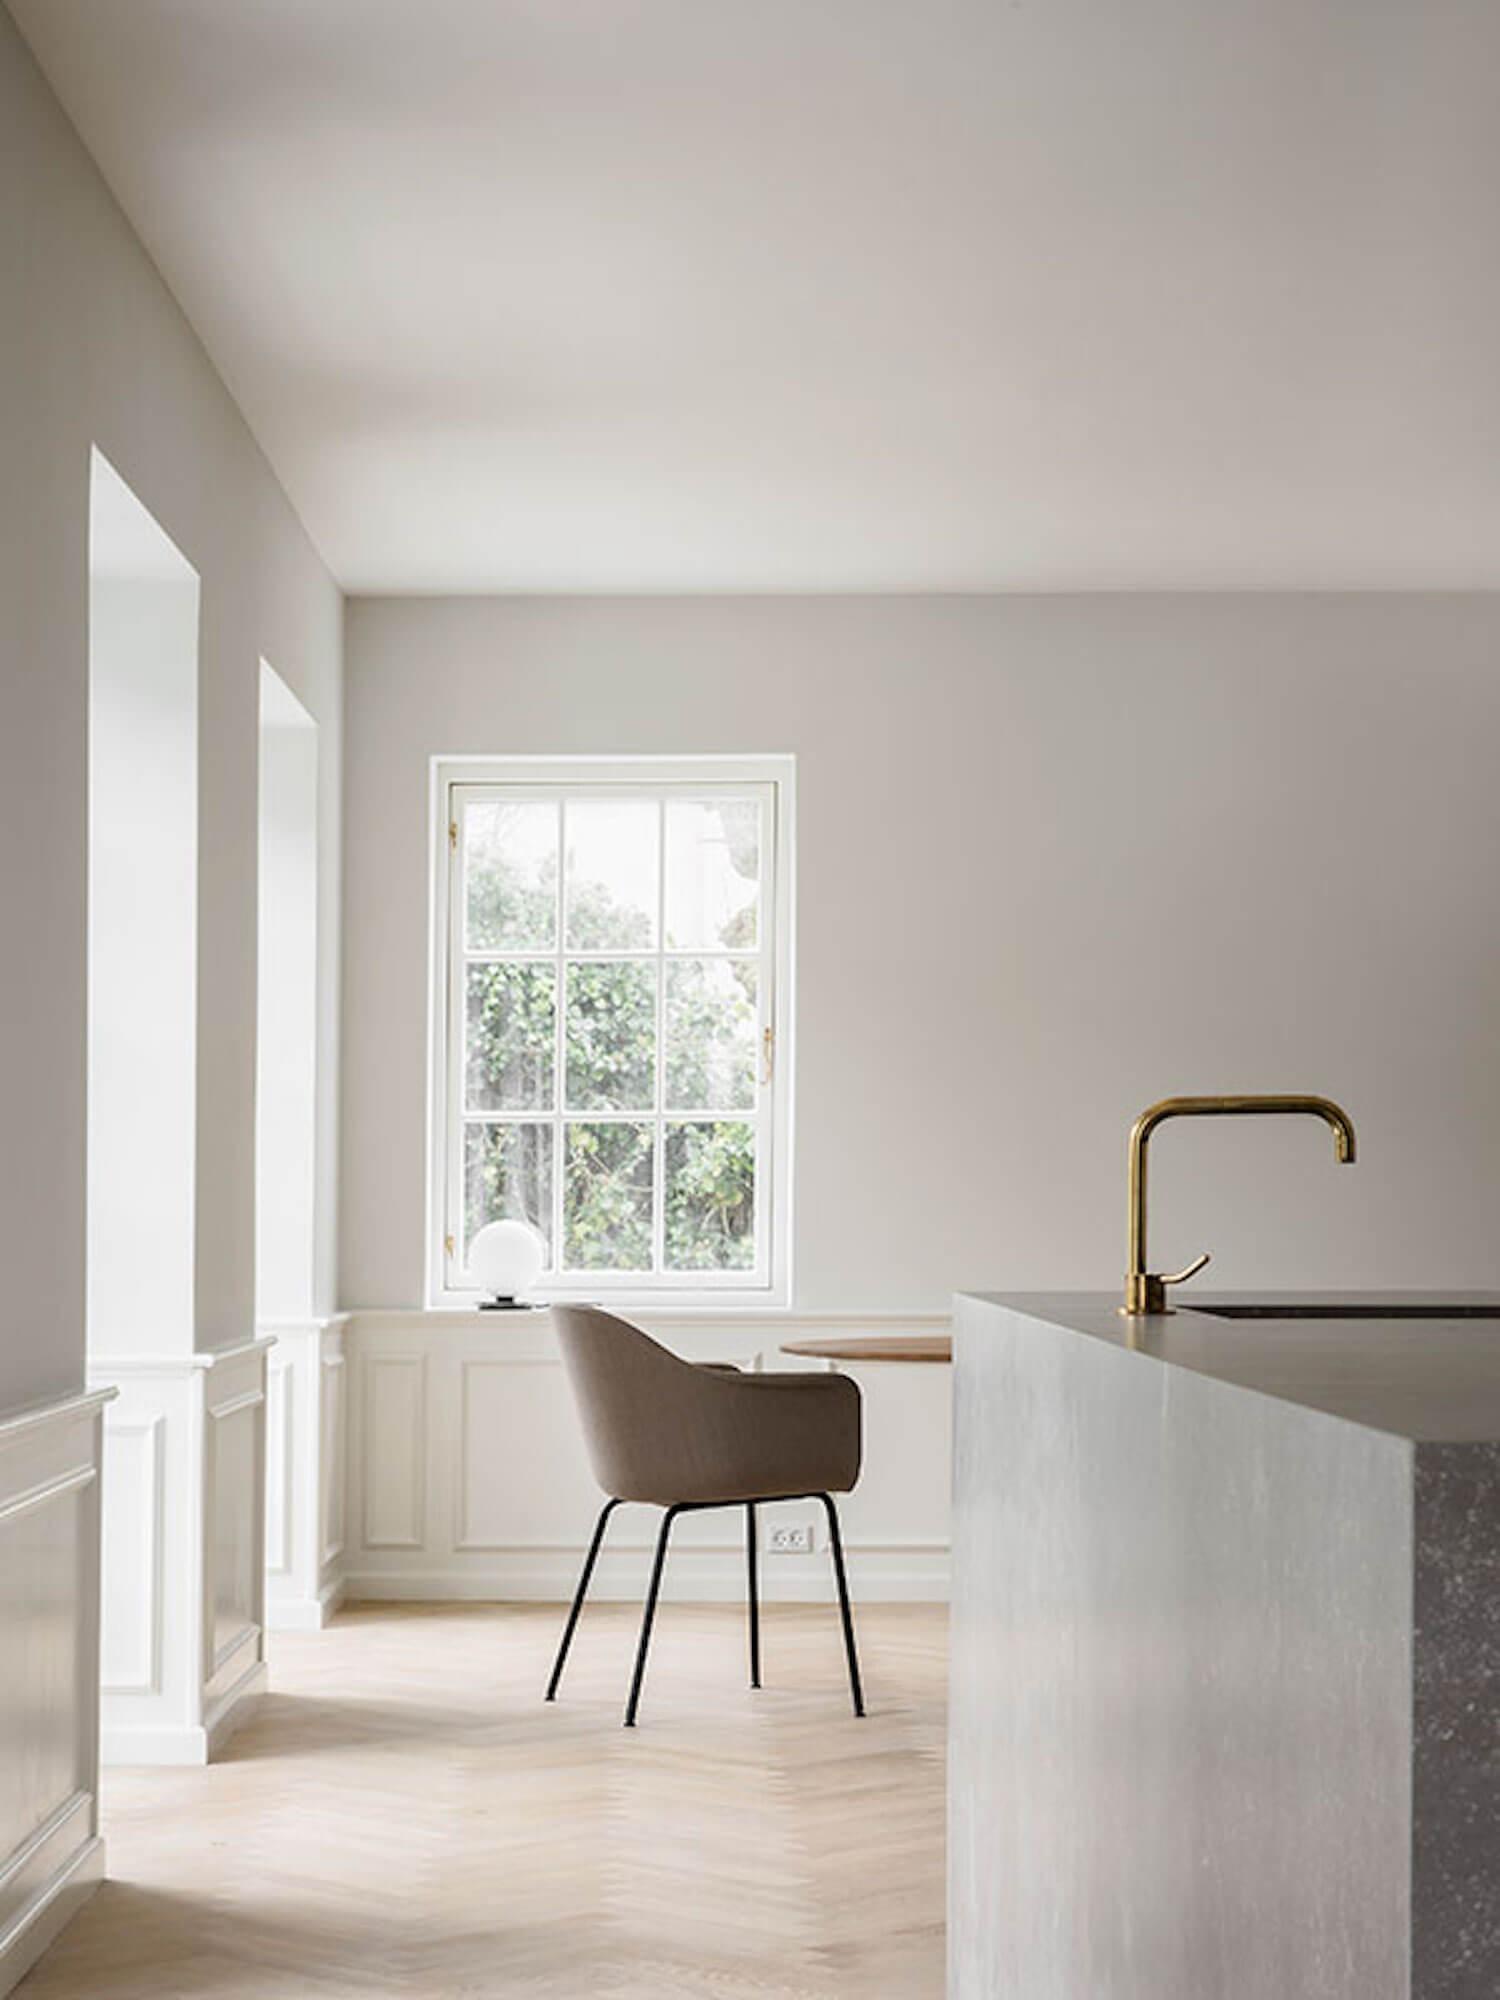 est living copenhagen apartment norm architects 20